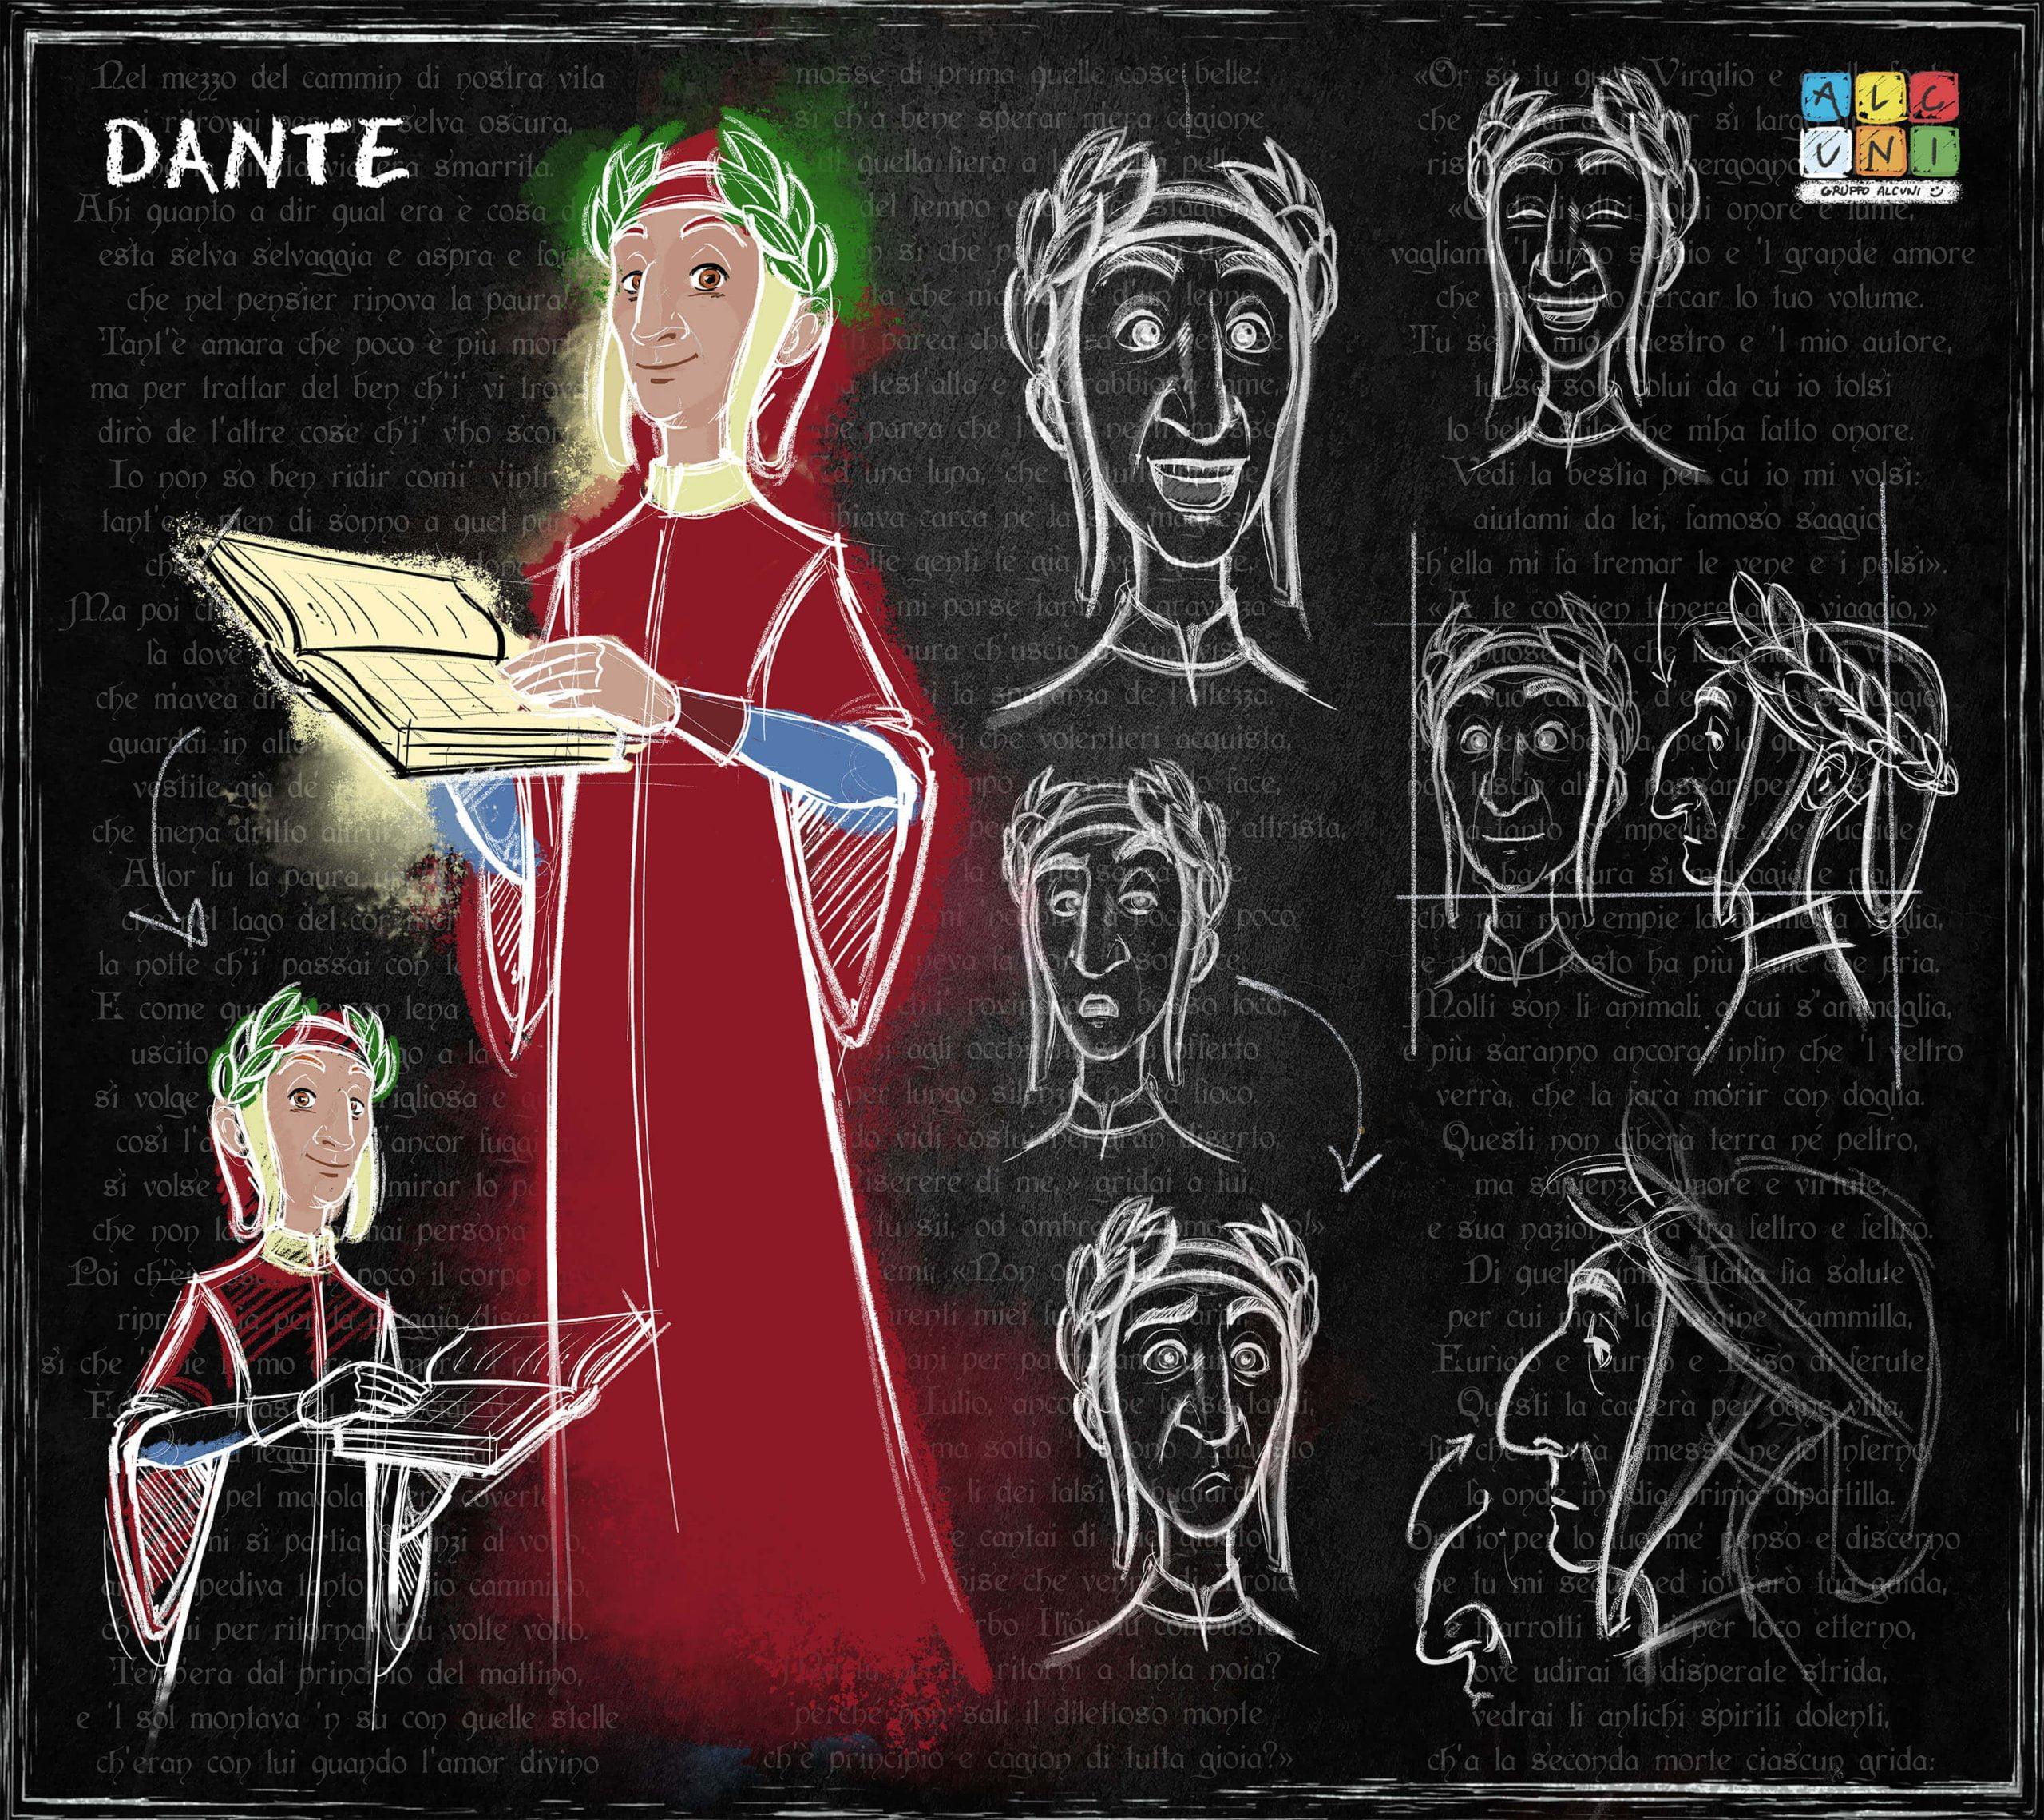 FestivalStatistica_pannello Dante con terzine.jpg